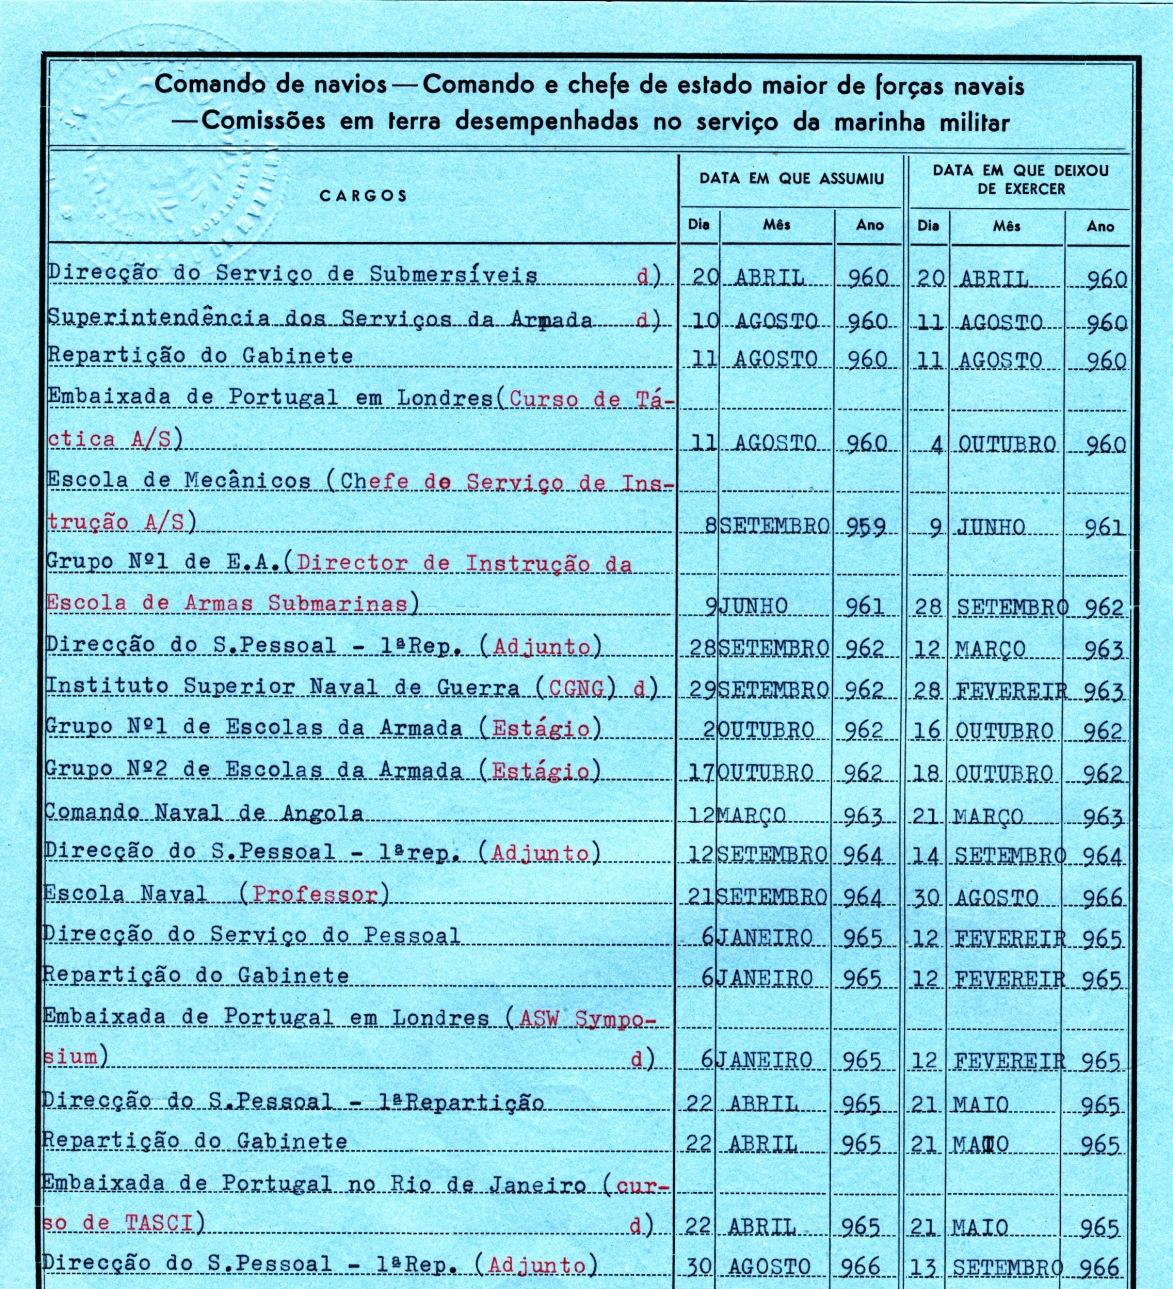 00459 966-08-30 Adjunto da Direcção do Serviço do Pessoal -Nota de Assentamentos